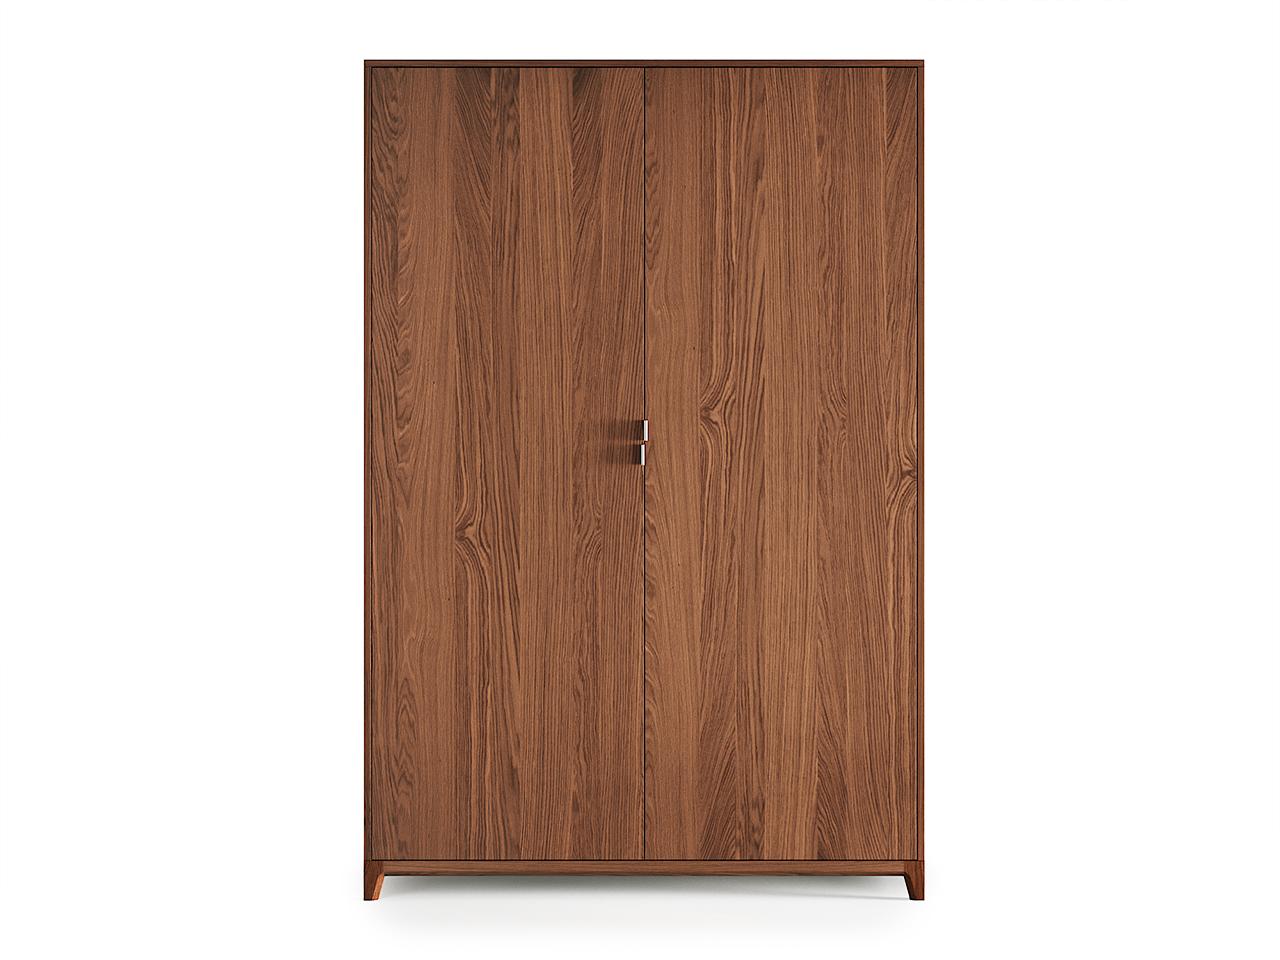 Шкаф Case (тобакко)Платяные шкафы<br>Вместительный, прочный и удобный шкаф CASE сочетает в себе продуманную структуру и современный дизайн.Внутри шкафа комфортно расположены полки, выдвижные ящики и штанги для вешалок. Благодаря отсутствию в конструкции лишних элементов и сбалансированной форме шкаф не выглядит массивным, а фасады с неповторимой фактурой дерева завершают его лаконичный образ. Шкаф CASE рассчитан на комфортное использование для одного или двух человек.&amp;lt;div&amp;gt;&amp;lt;br&amp;gt;&amp;lt;/div&amp;gt;&amp;lt;div&amp;gt;Материал: Массив дуба, натуральный шпон дуба, МДФ, ДСП, лак&amp;lt;br&amp;gt;&amp;lt;/div&amp;gt;<br><br>Material: Дуб<br>Ширина см: 140.0<br>Высота см: 210.0<br>Глубина см: 60.0